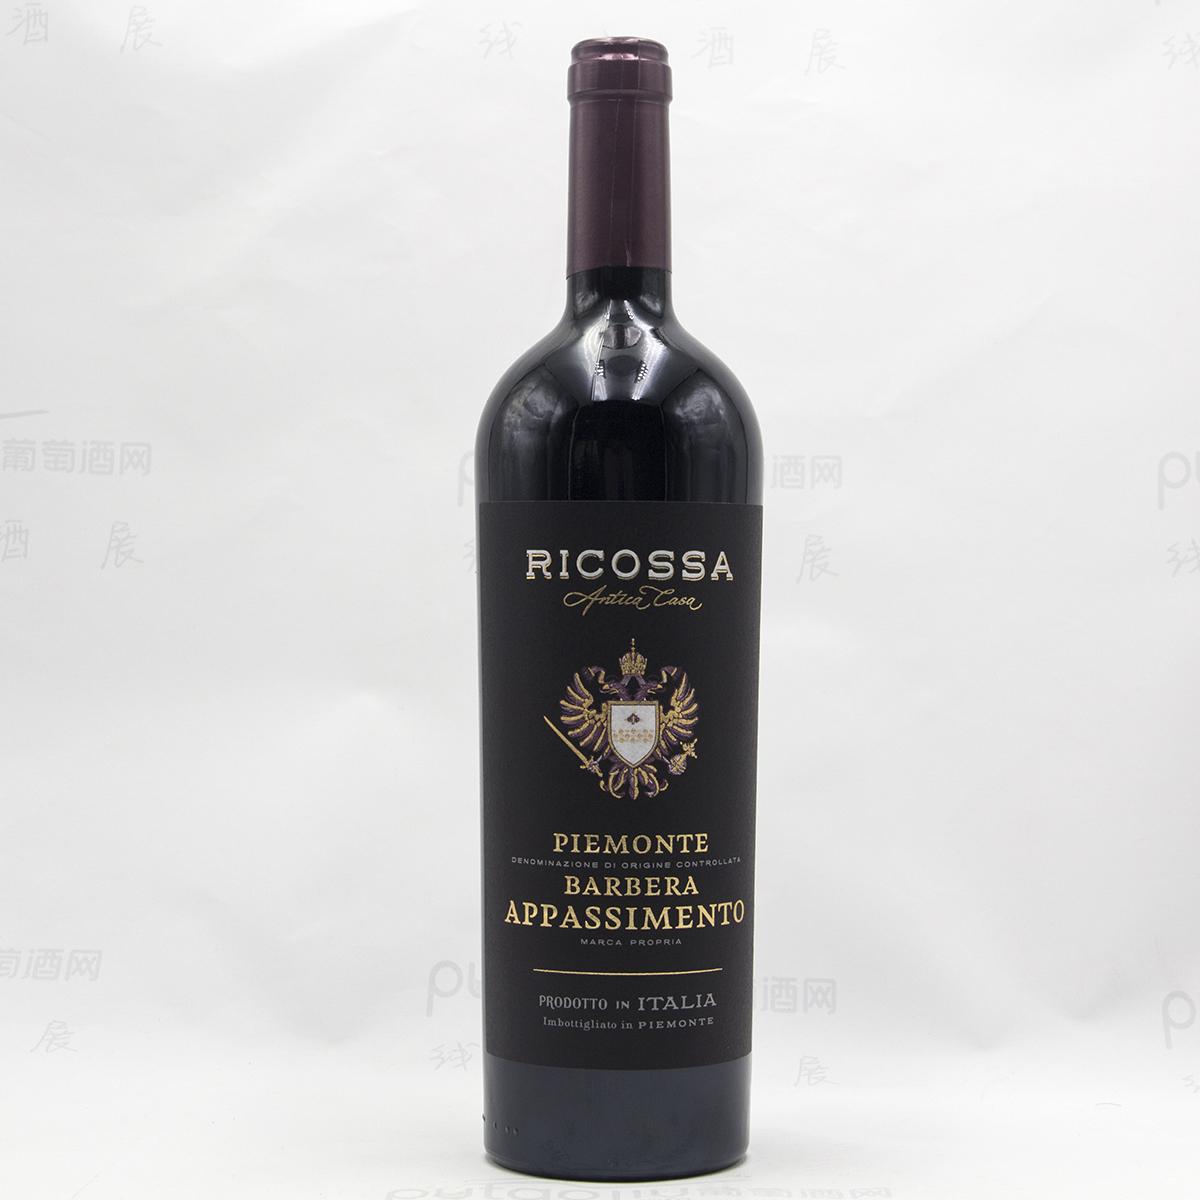 雷克萨阿帕奇门托红葡萄酒